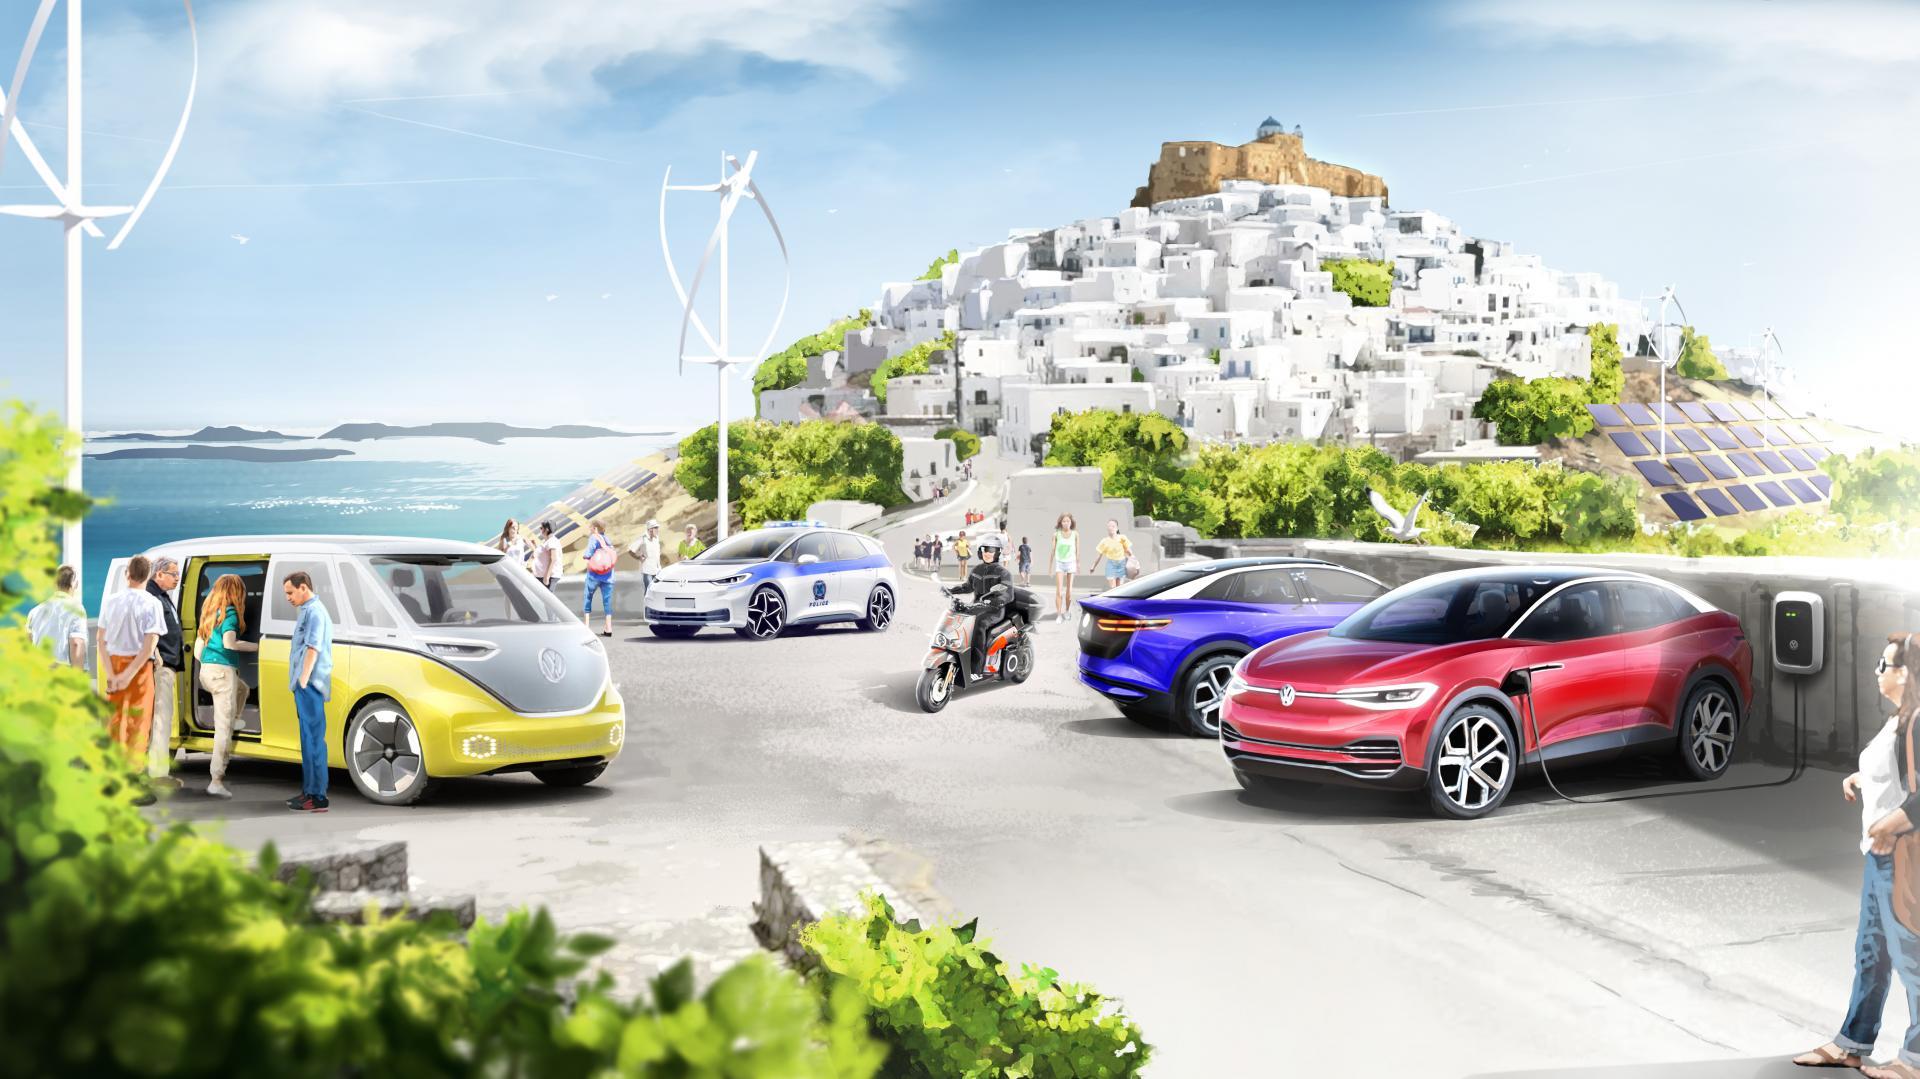 Τhe Greek government and the Volkswagen Group announced today a pioneering project to transform Astypalea into the first smart, green island in the Mediterranean